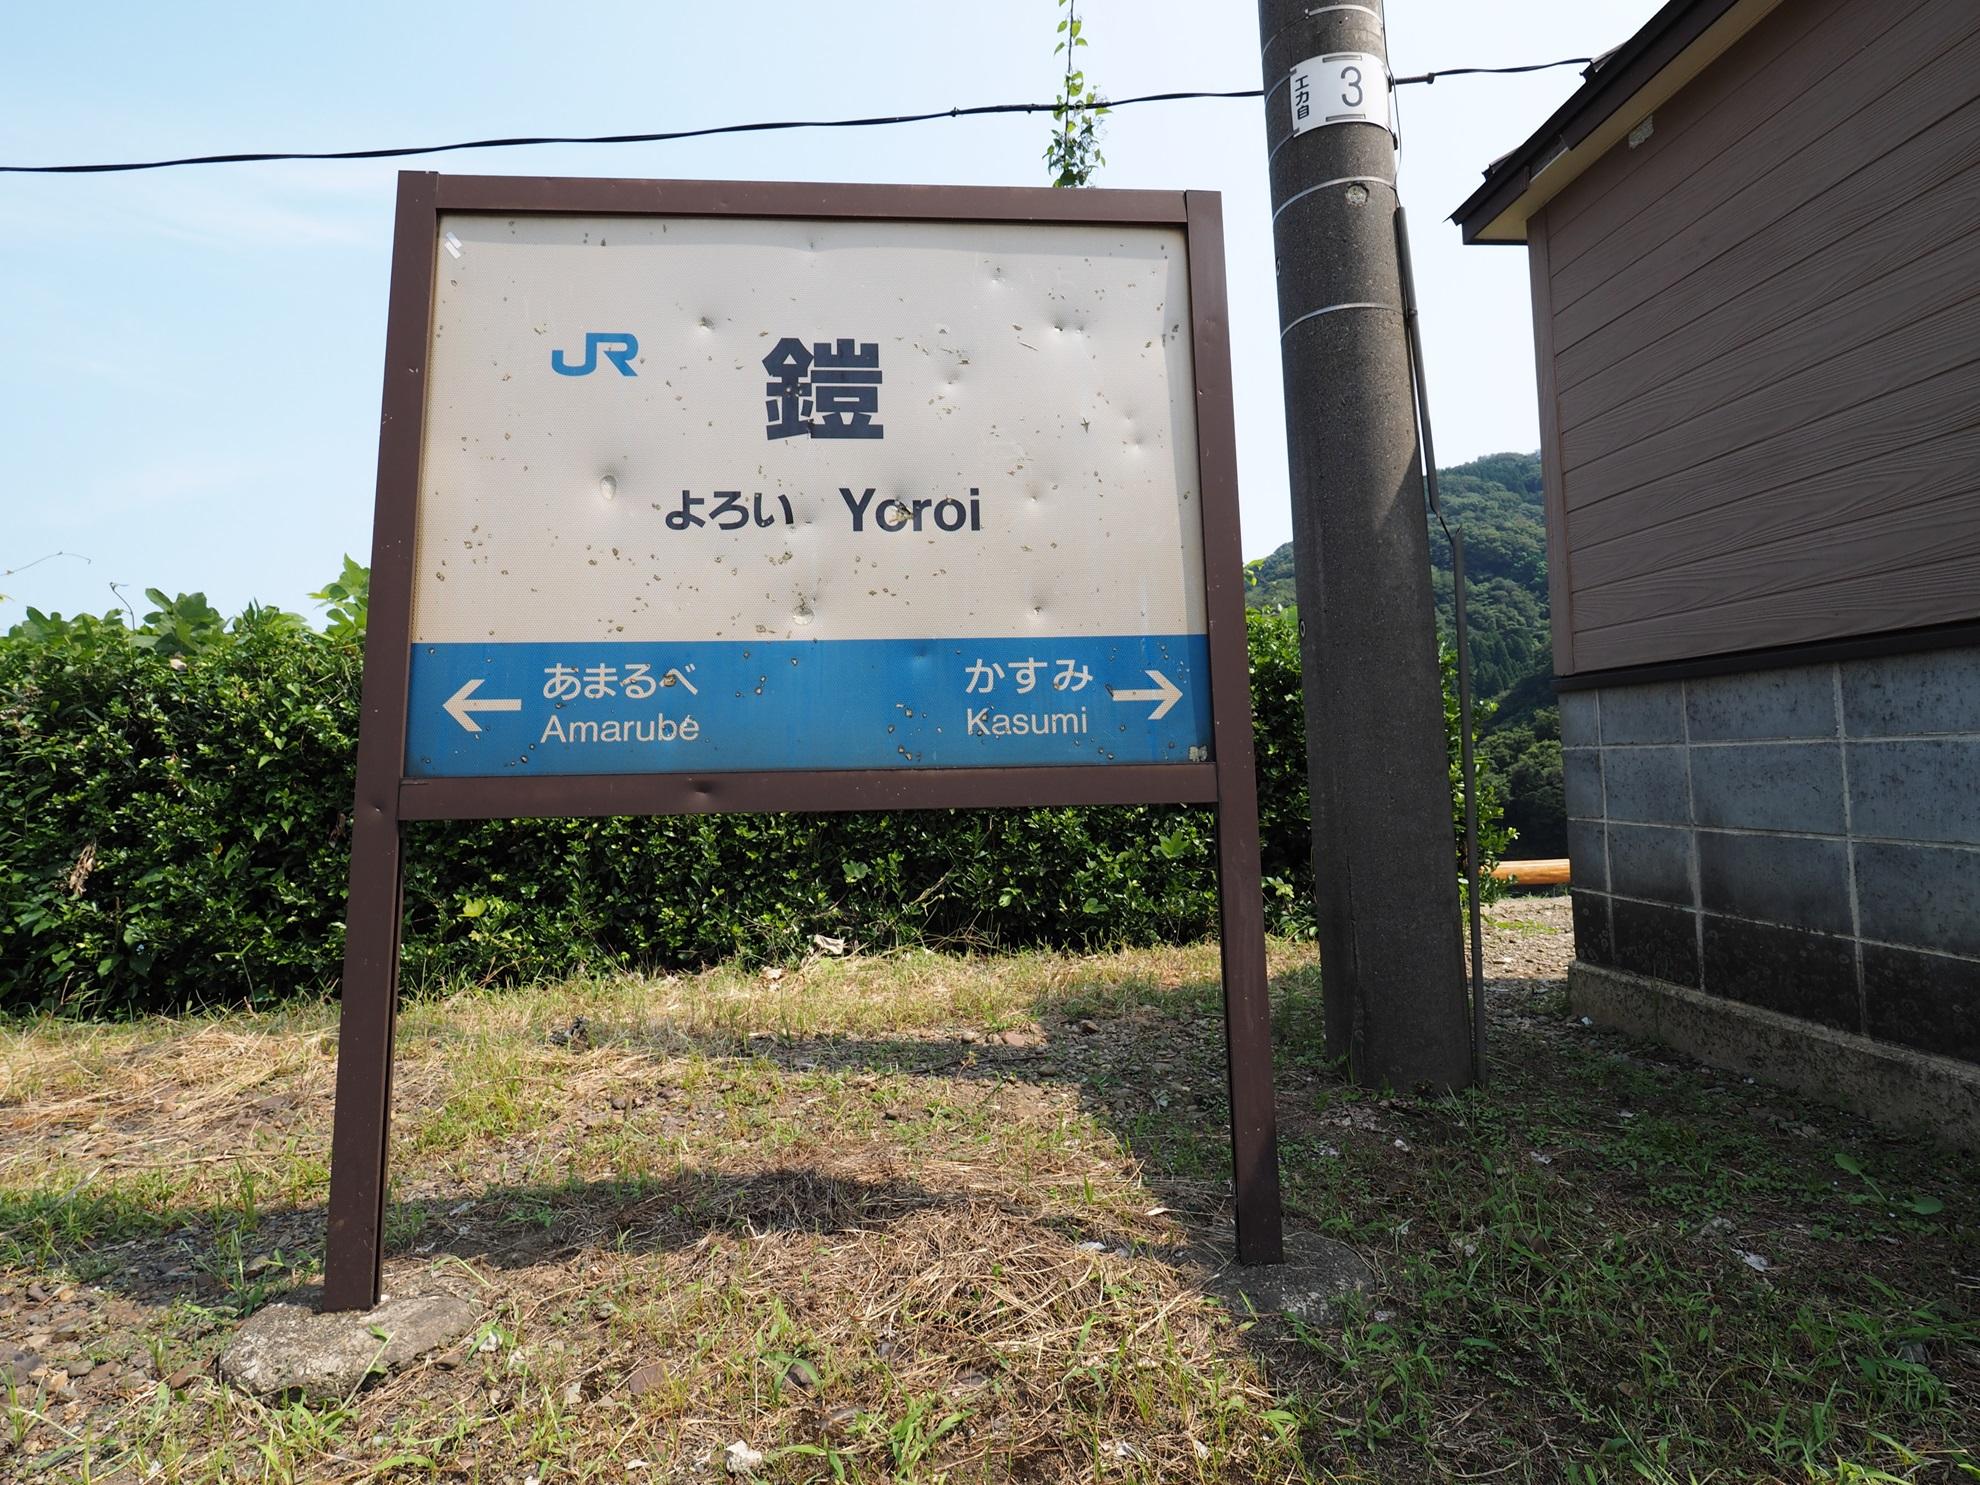 鎧駅 駅名標